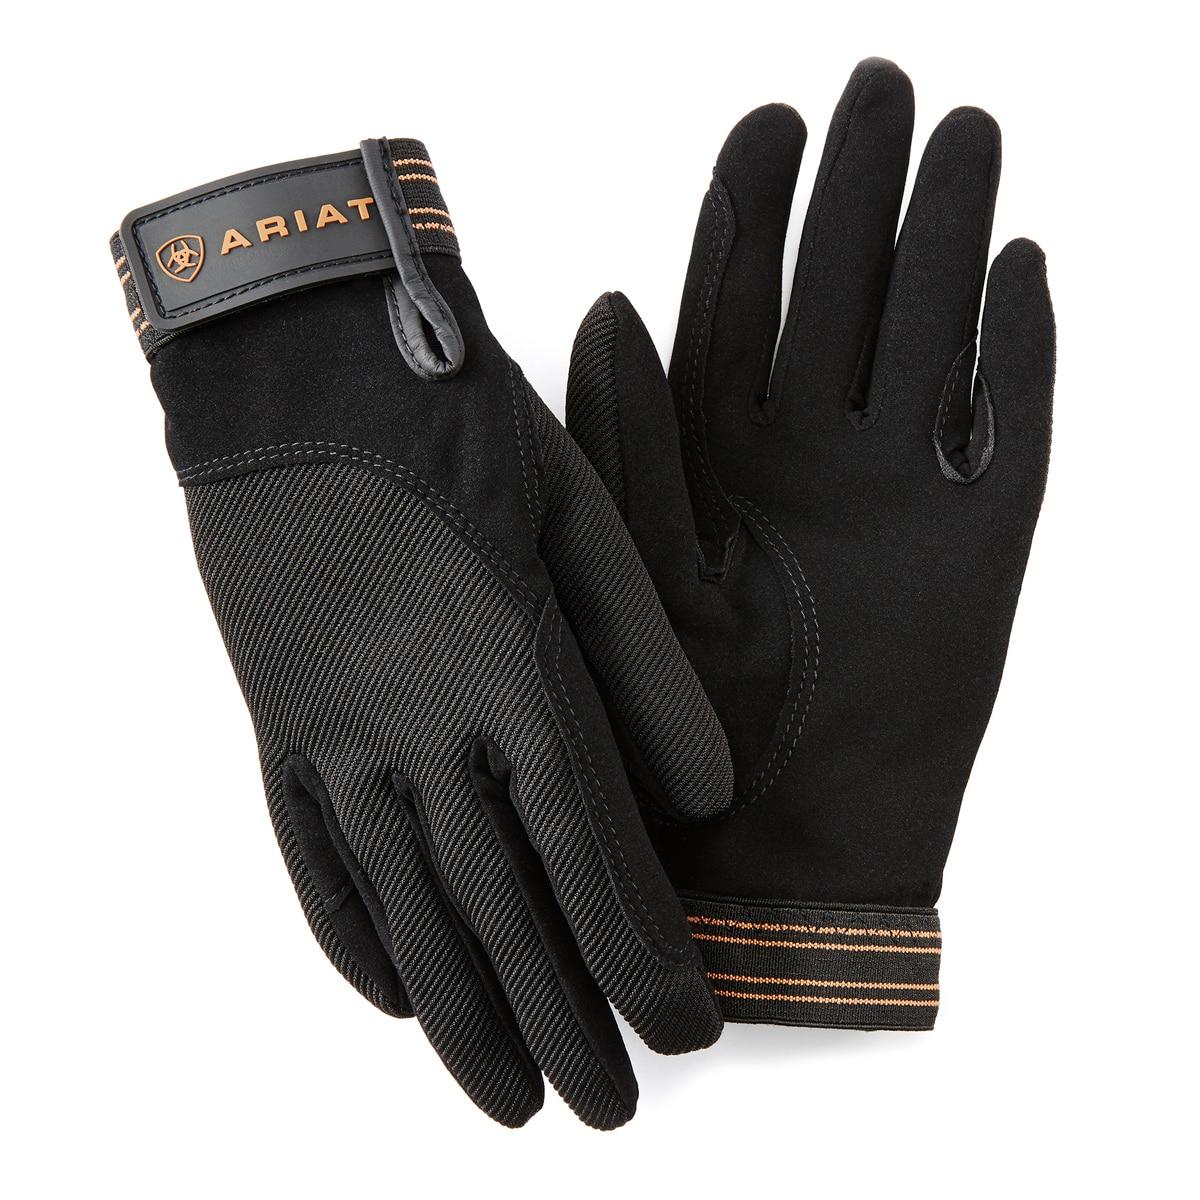 Ariat<sup>&reg;</sup> Tek Grip Gloves